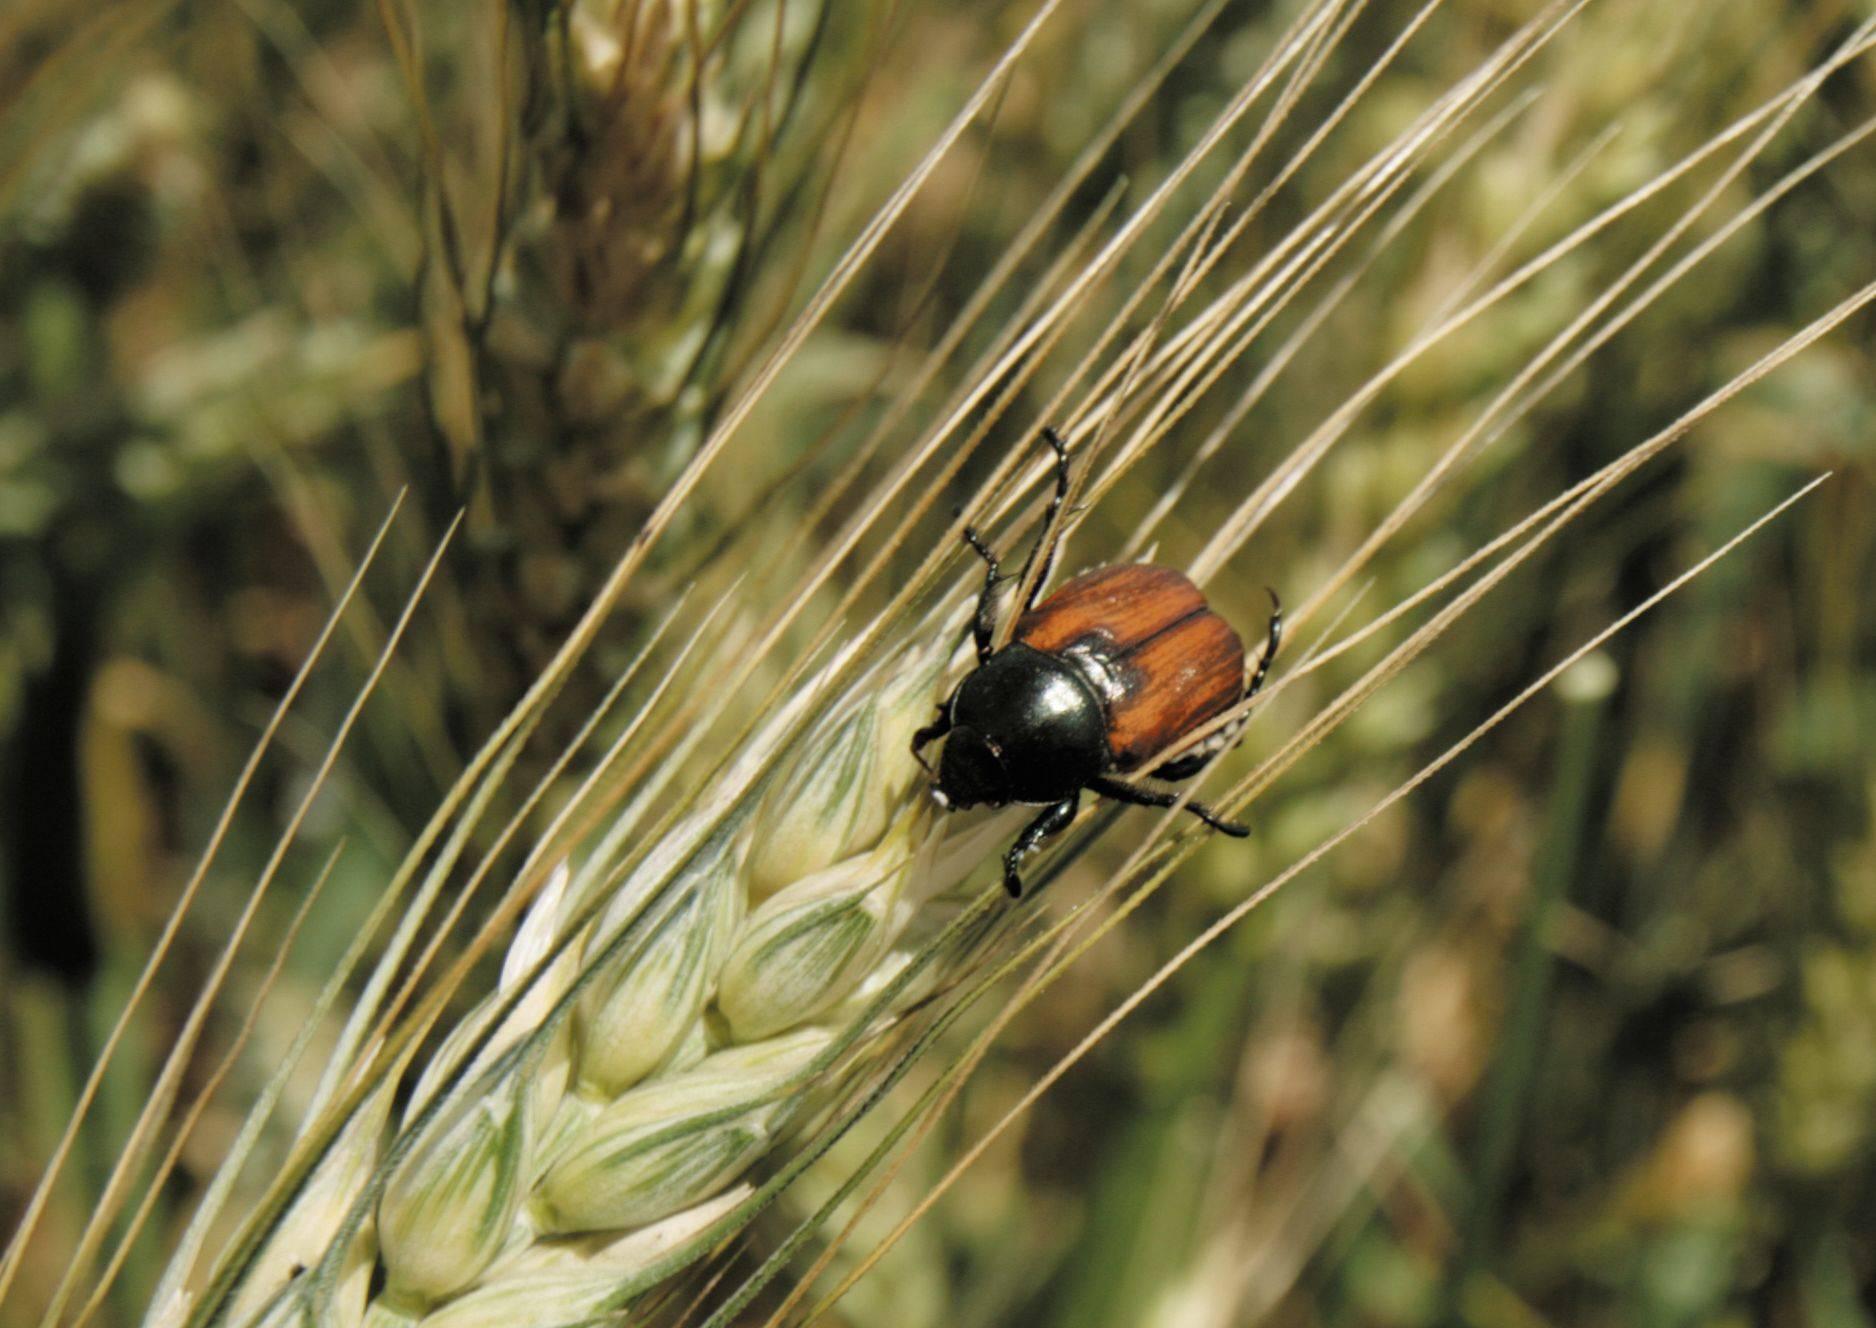 Хлебный жук кузька, жук вредитель хлебных злаков — пропозиция